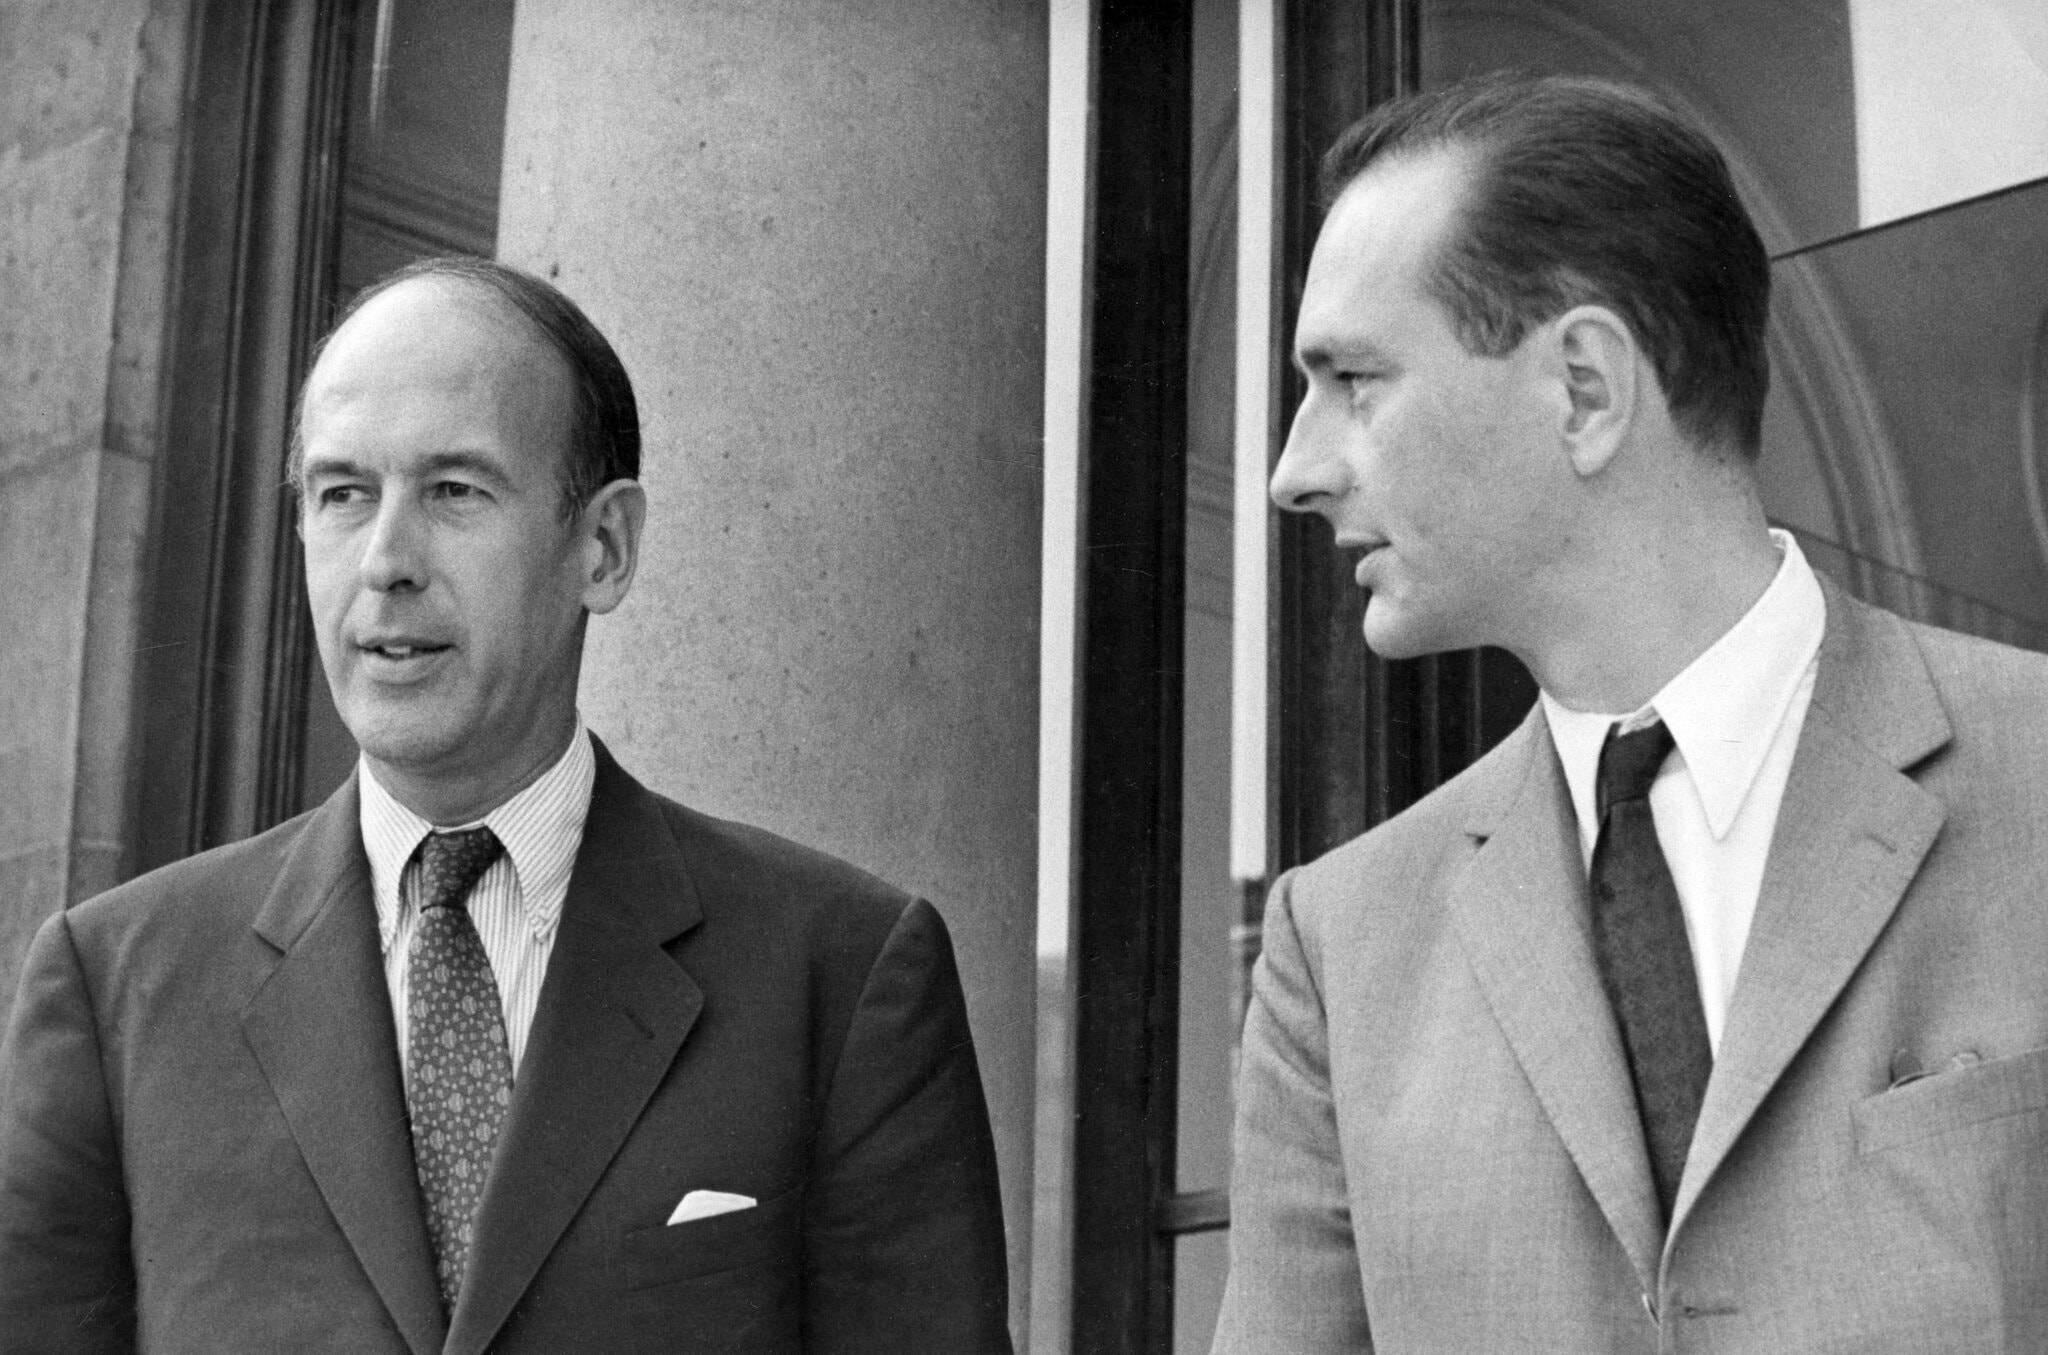 德斯坦擔任總統後他與德國總理施密特共同建立歐洲貨幣聯盟,並一同被視爲是歐洲法德模式的奠基者與監護人。(美聯社圖片)